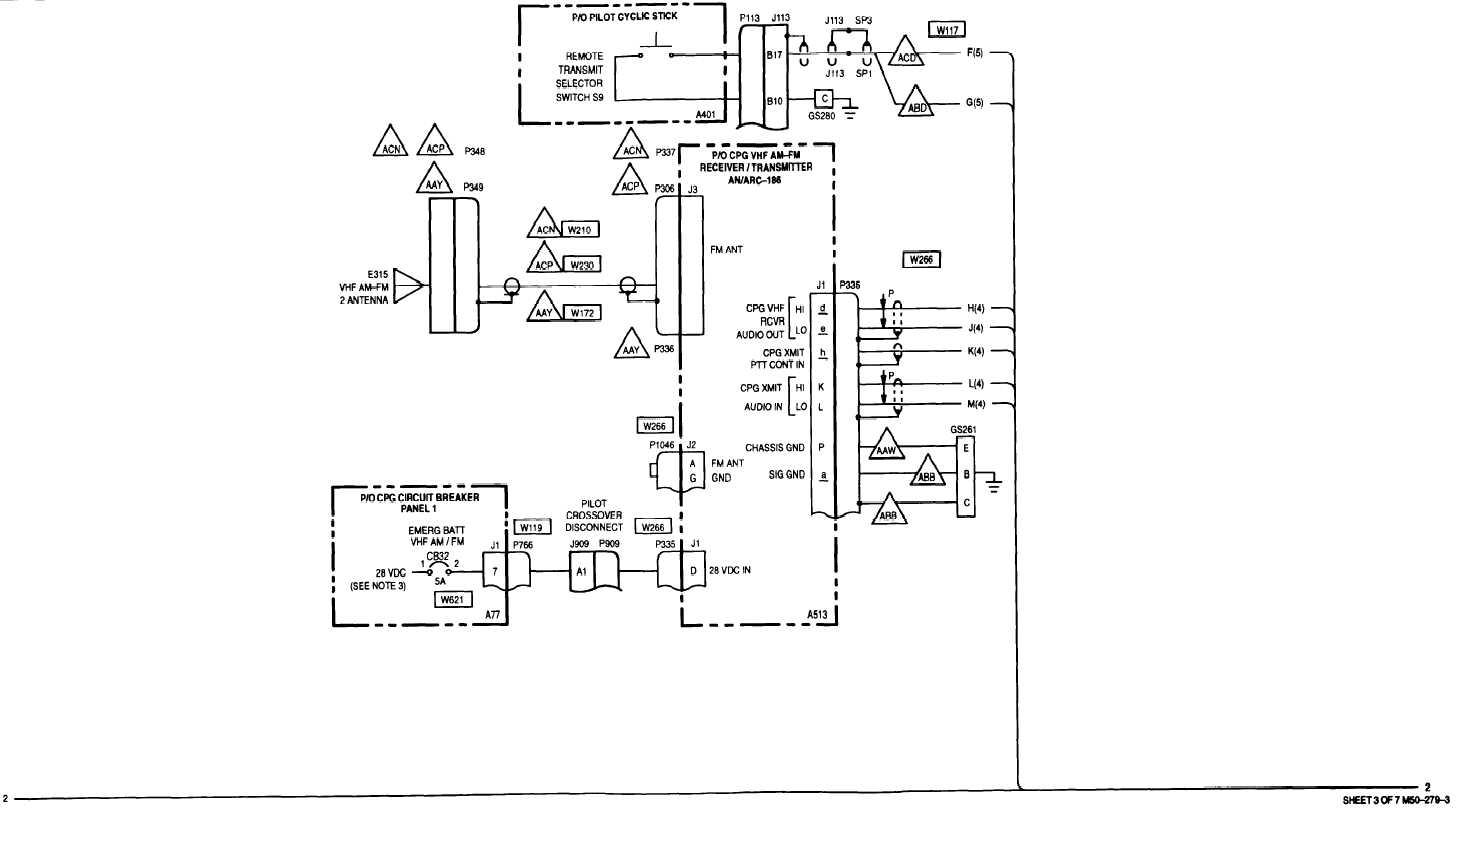 sheet 3 of 7 m50 -279